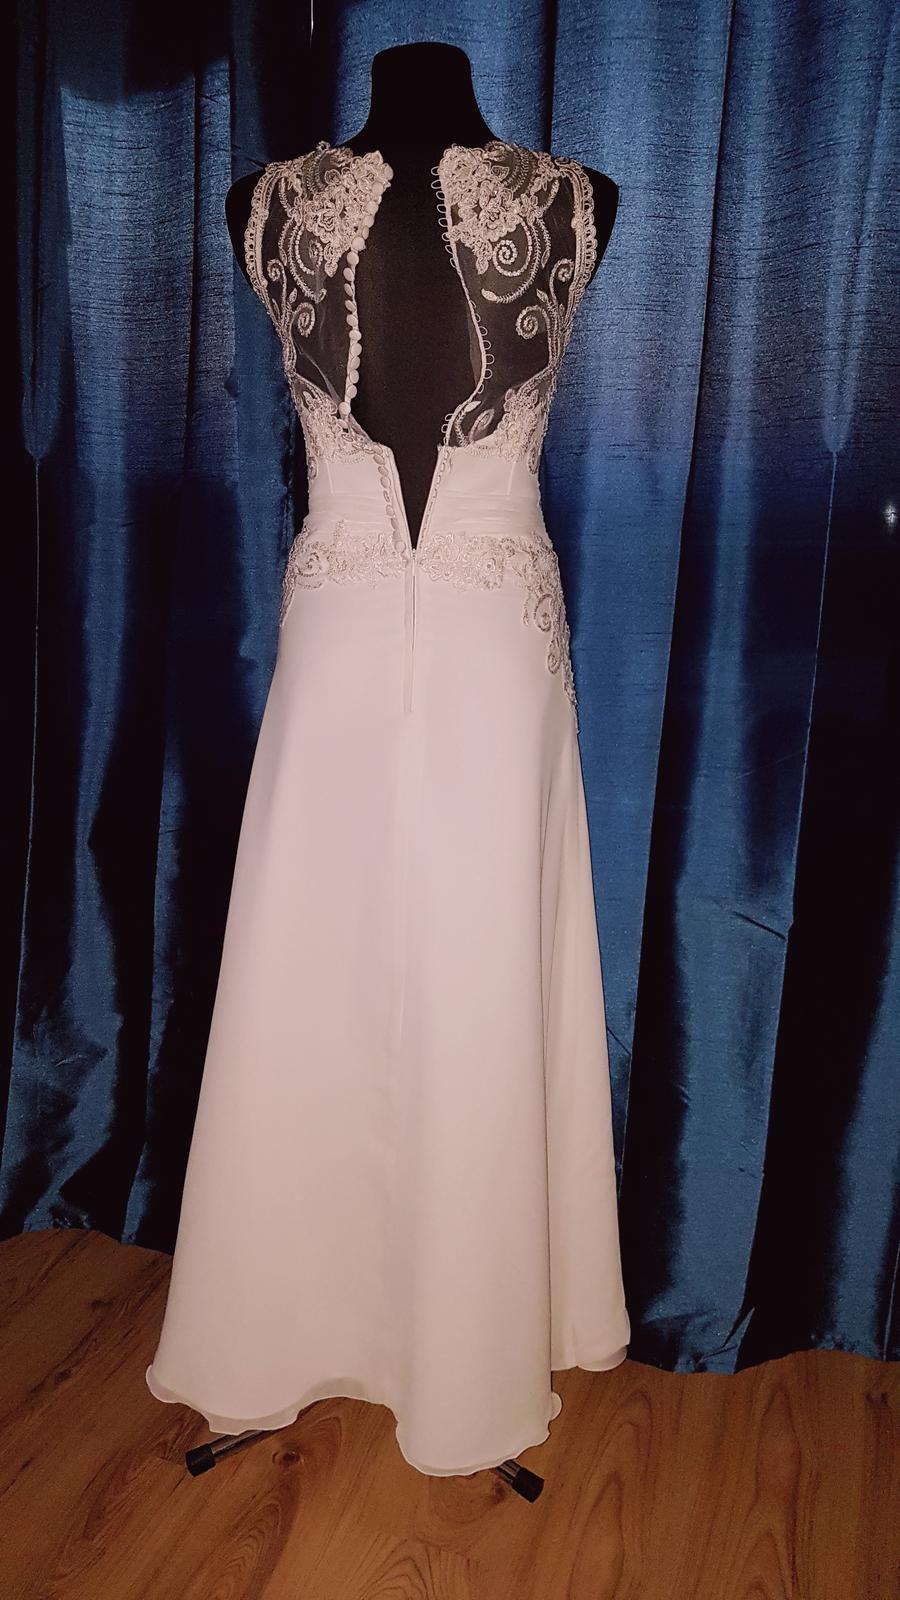 Svadobné šaty 36-38 na 172 cm - Obrázok č. 3